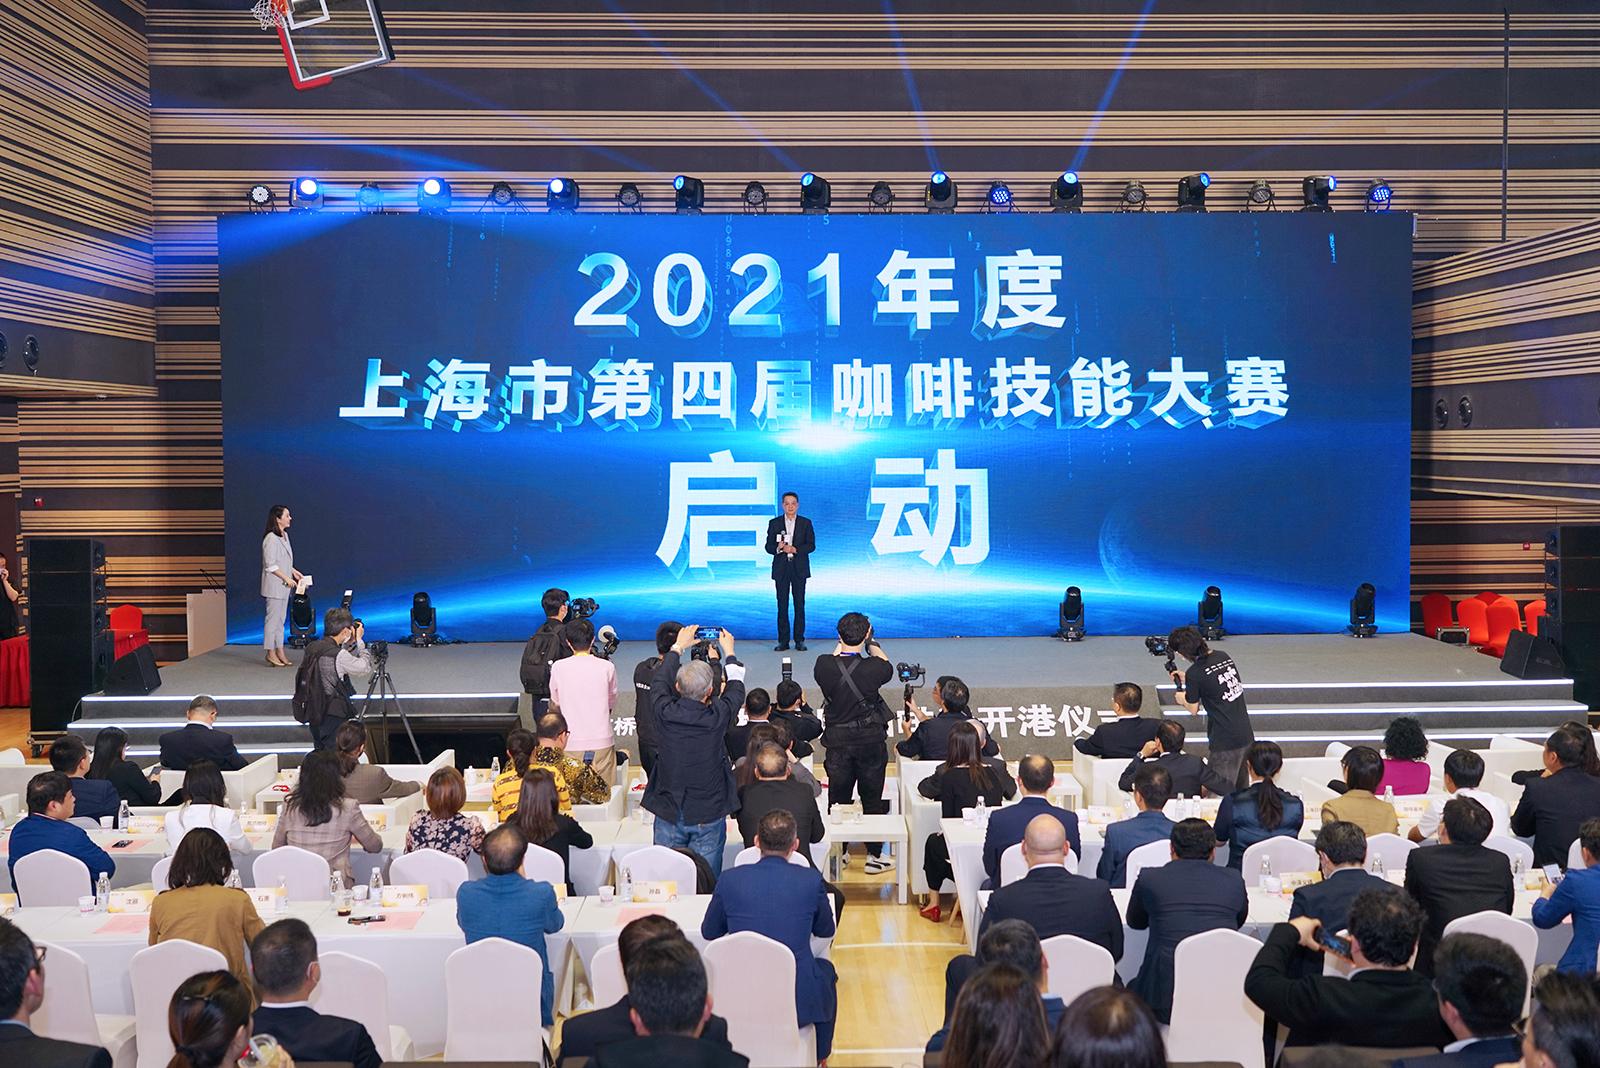 2021年度上海市第四届咖啡技能大赛启动。